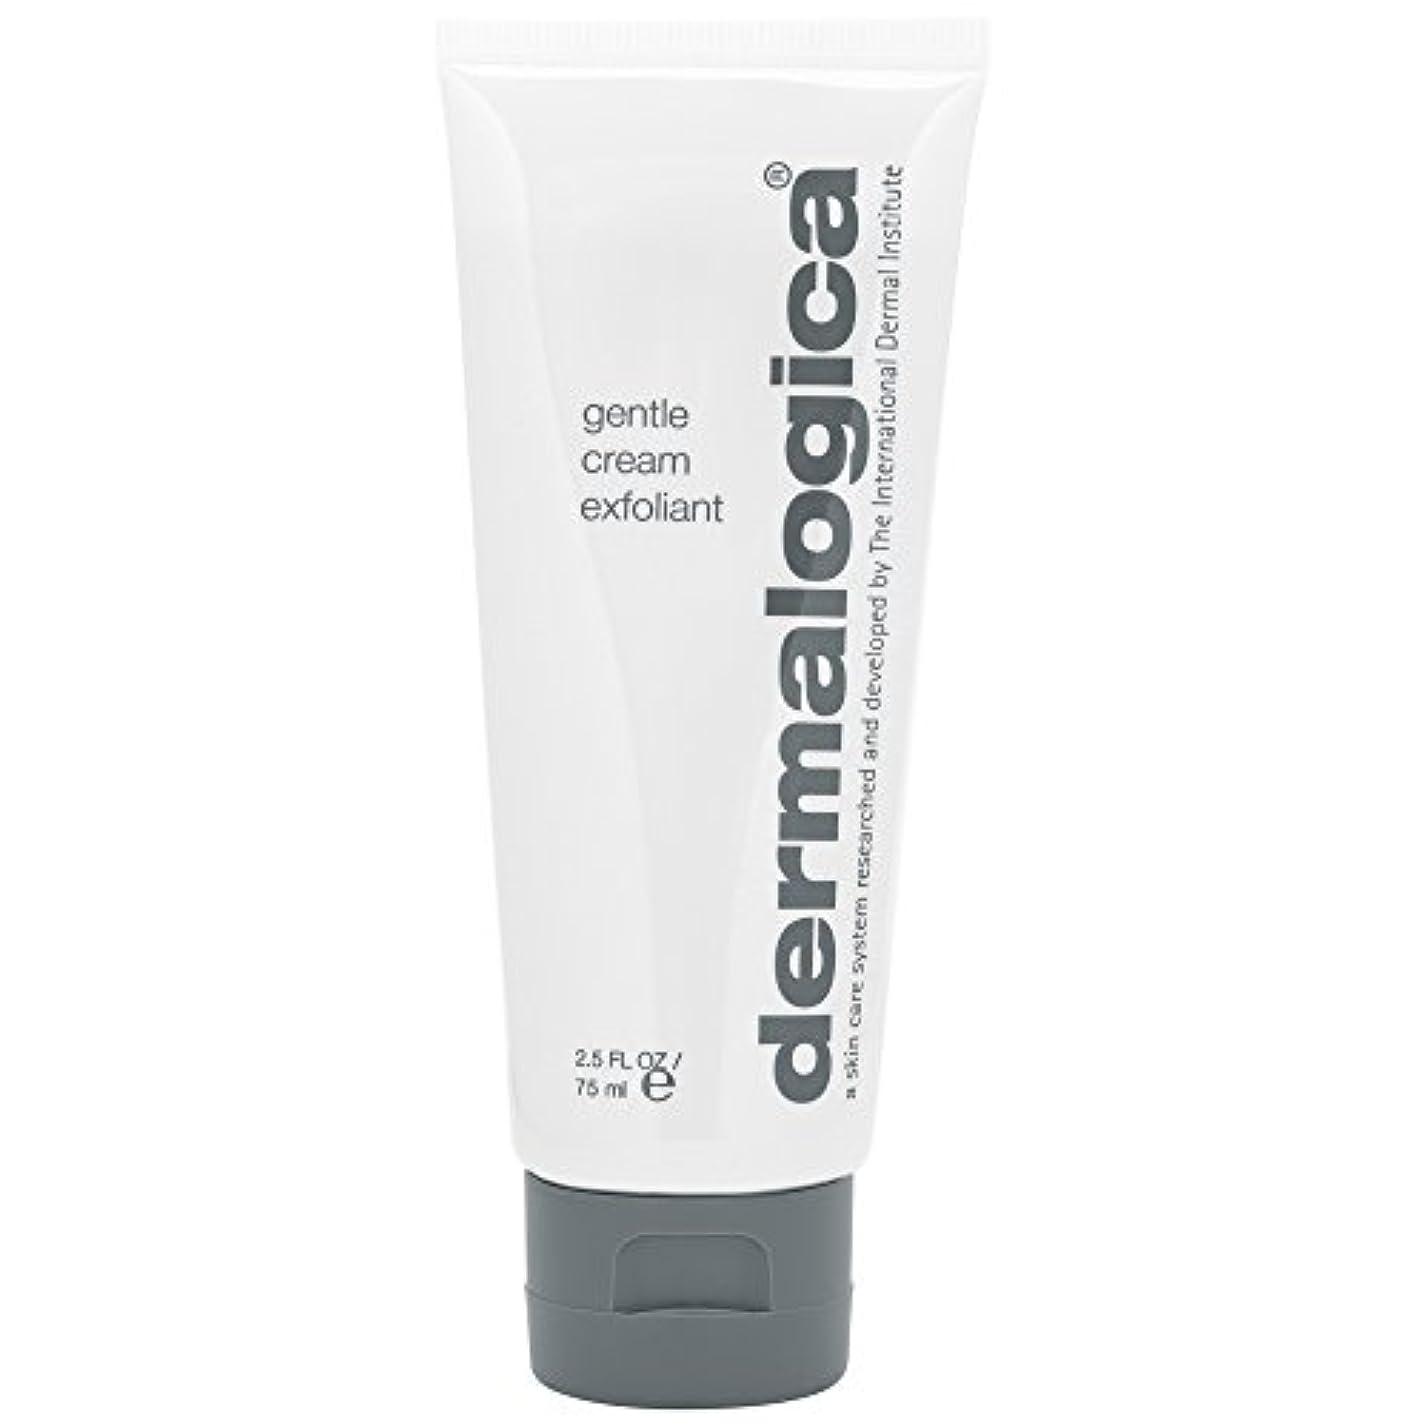 到着する役に立つレパートリーダーマロジカ優しいクリーム剥脱75ミリリットル (Dermalogica) - Dermalogica Gentle Cream Exfoliant 75ml [並行輸入品]